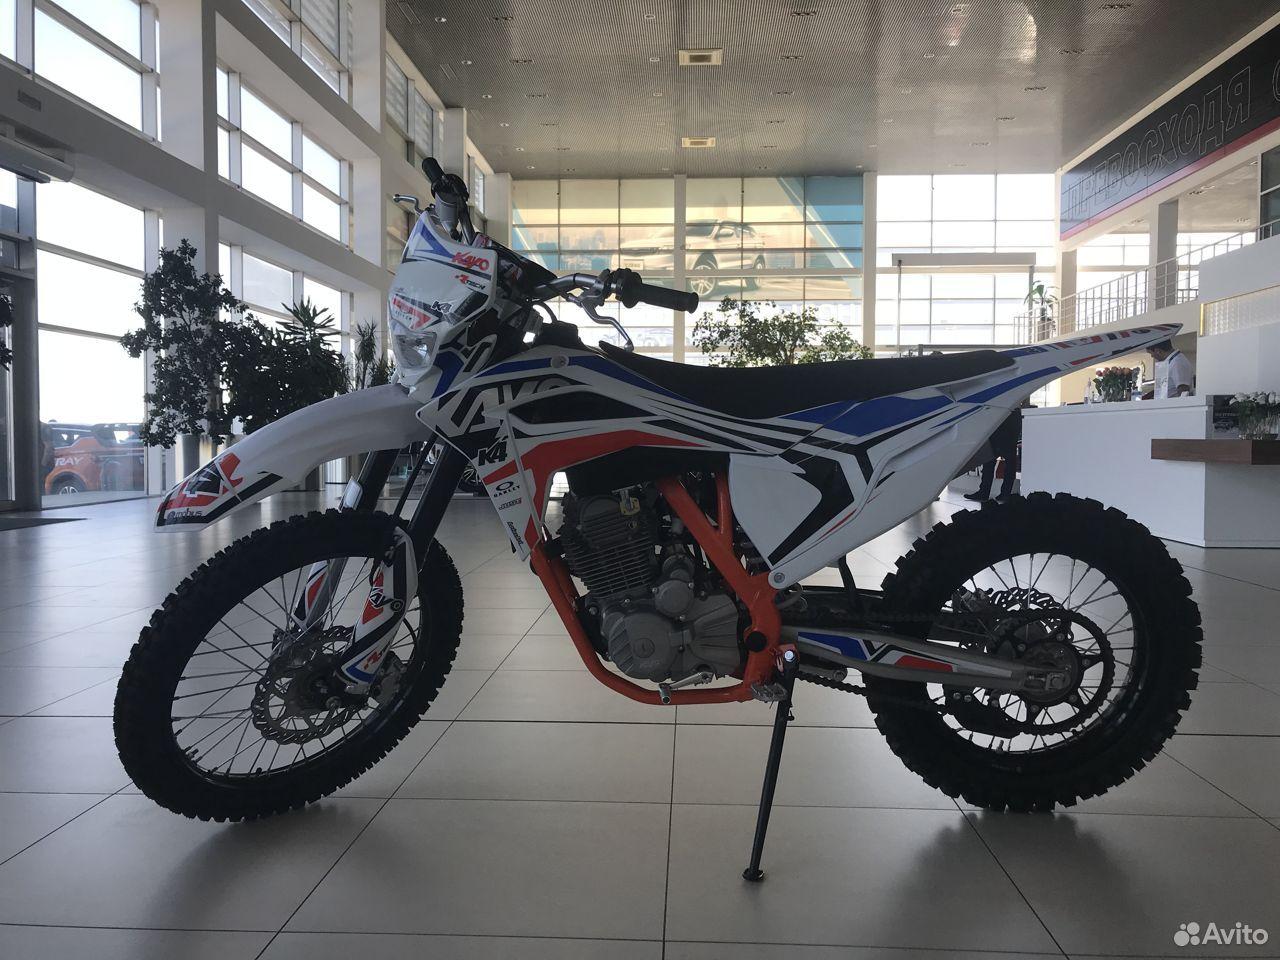 Мотоцикл kayo K4 MX 21/18 (2020 г.)  88792225000 купить 1